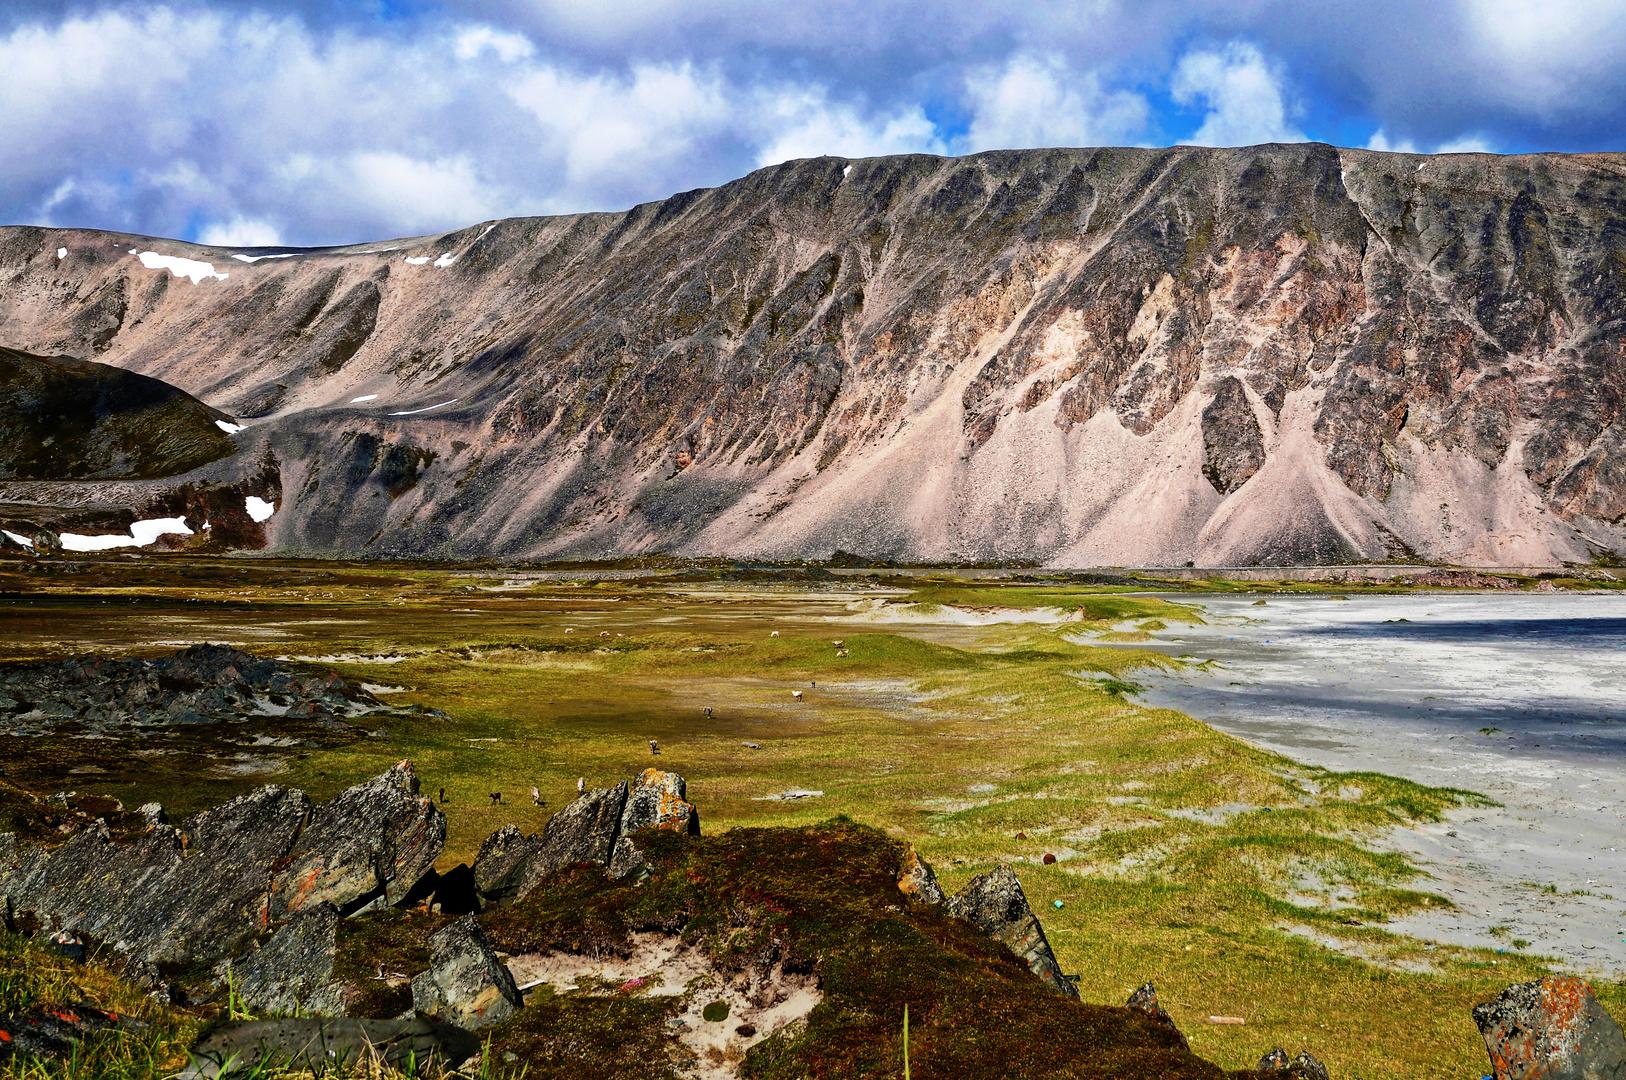 Küste am nördlichen Eismeer